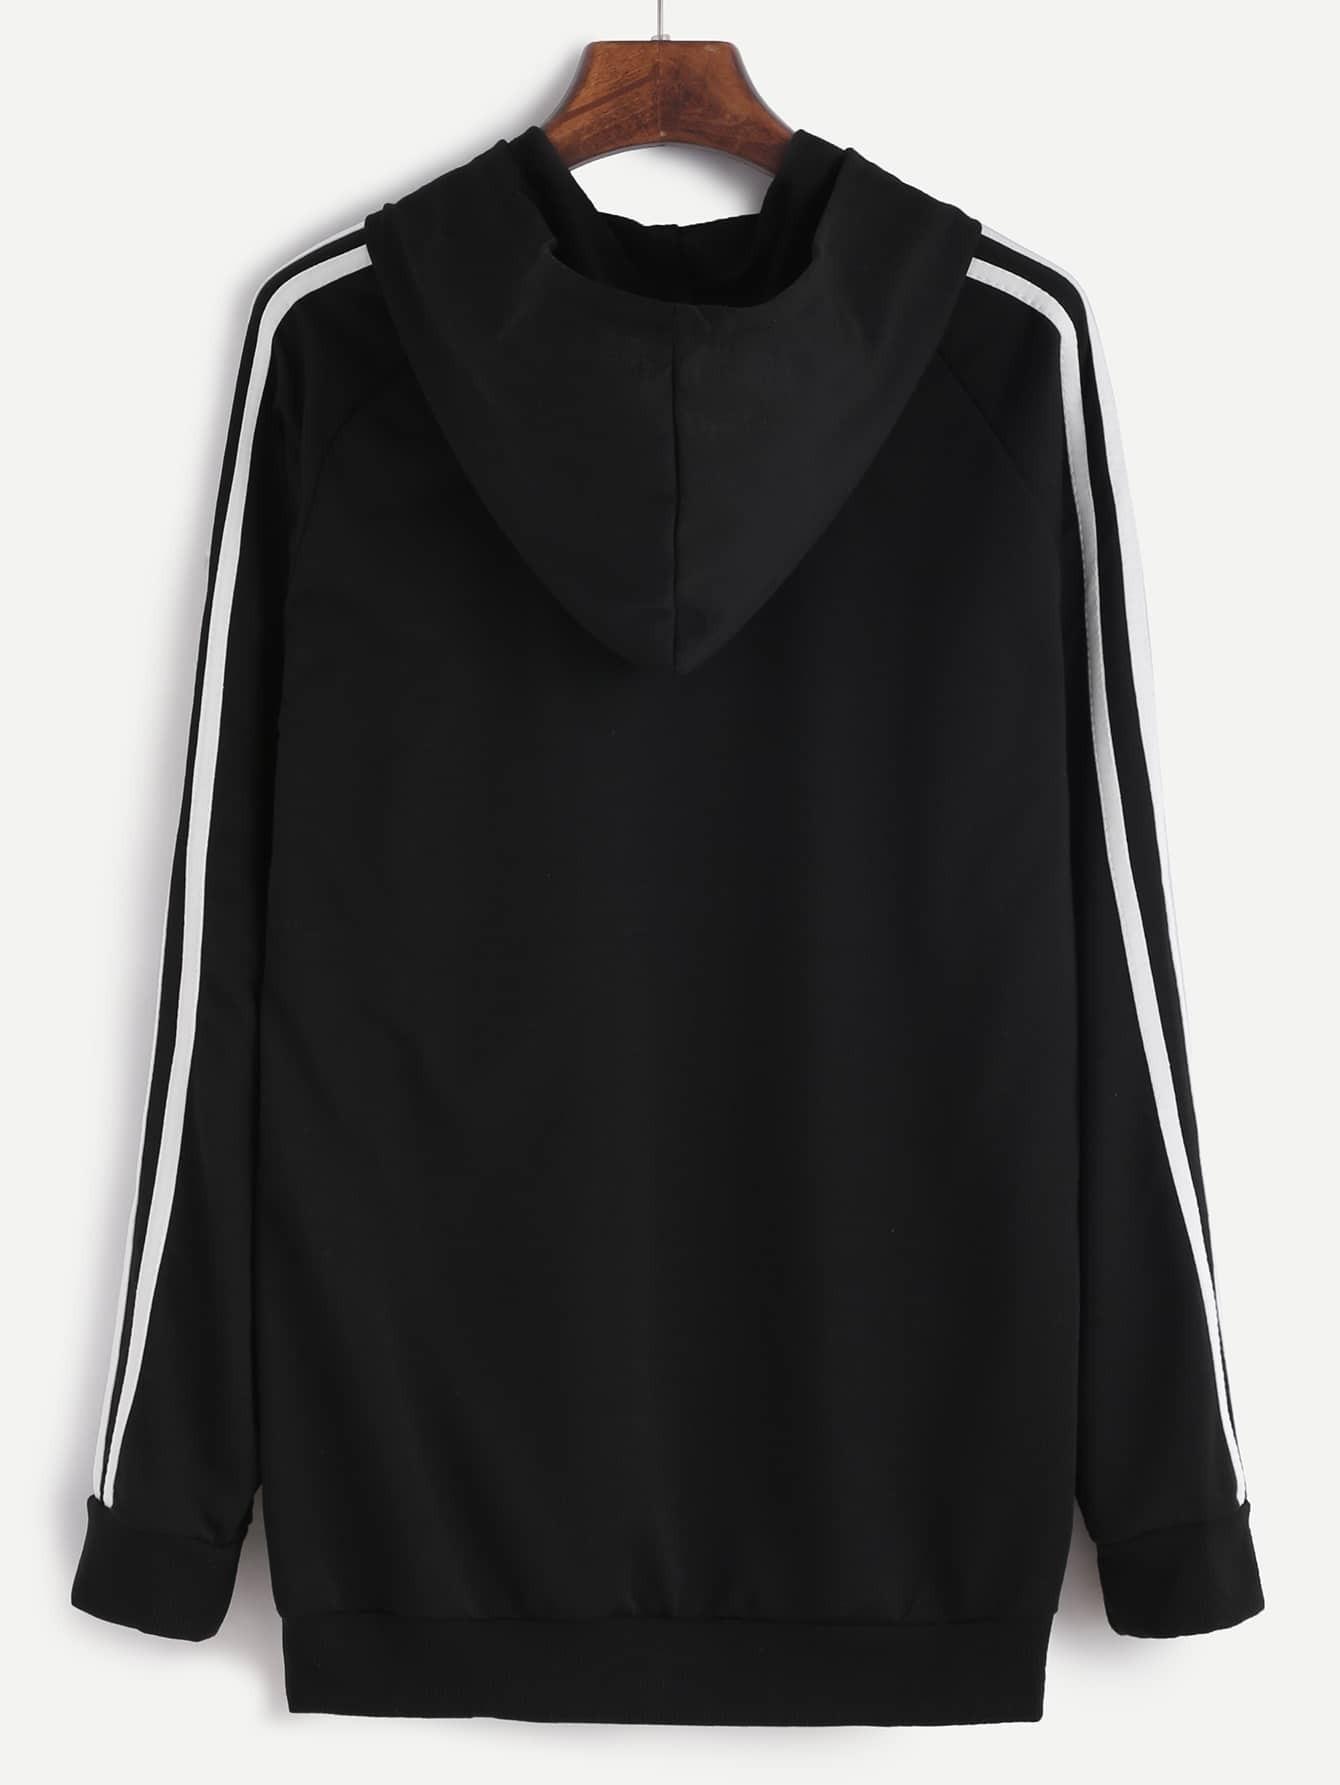 sweatshirt161018103_2